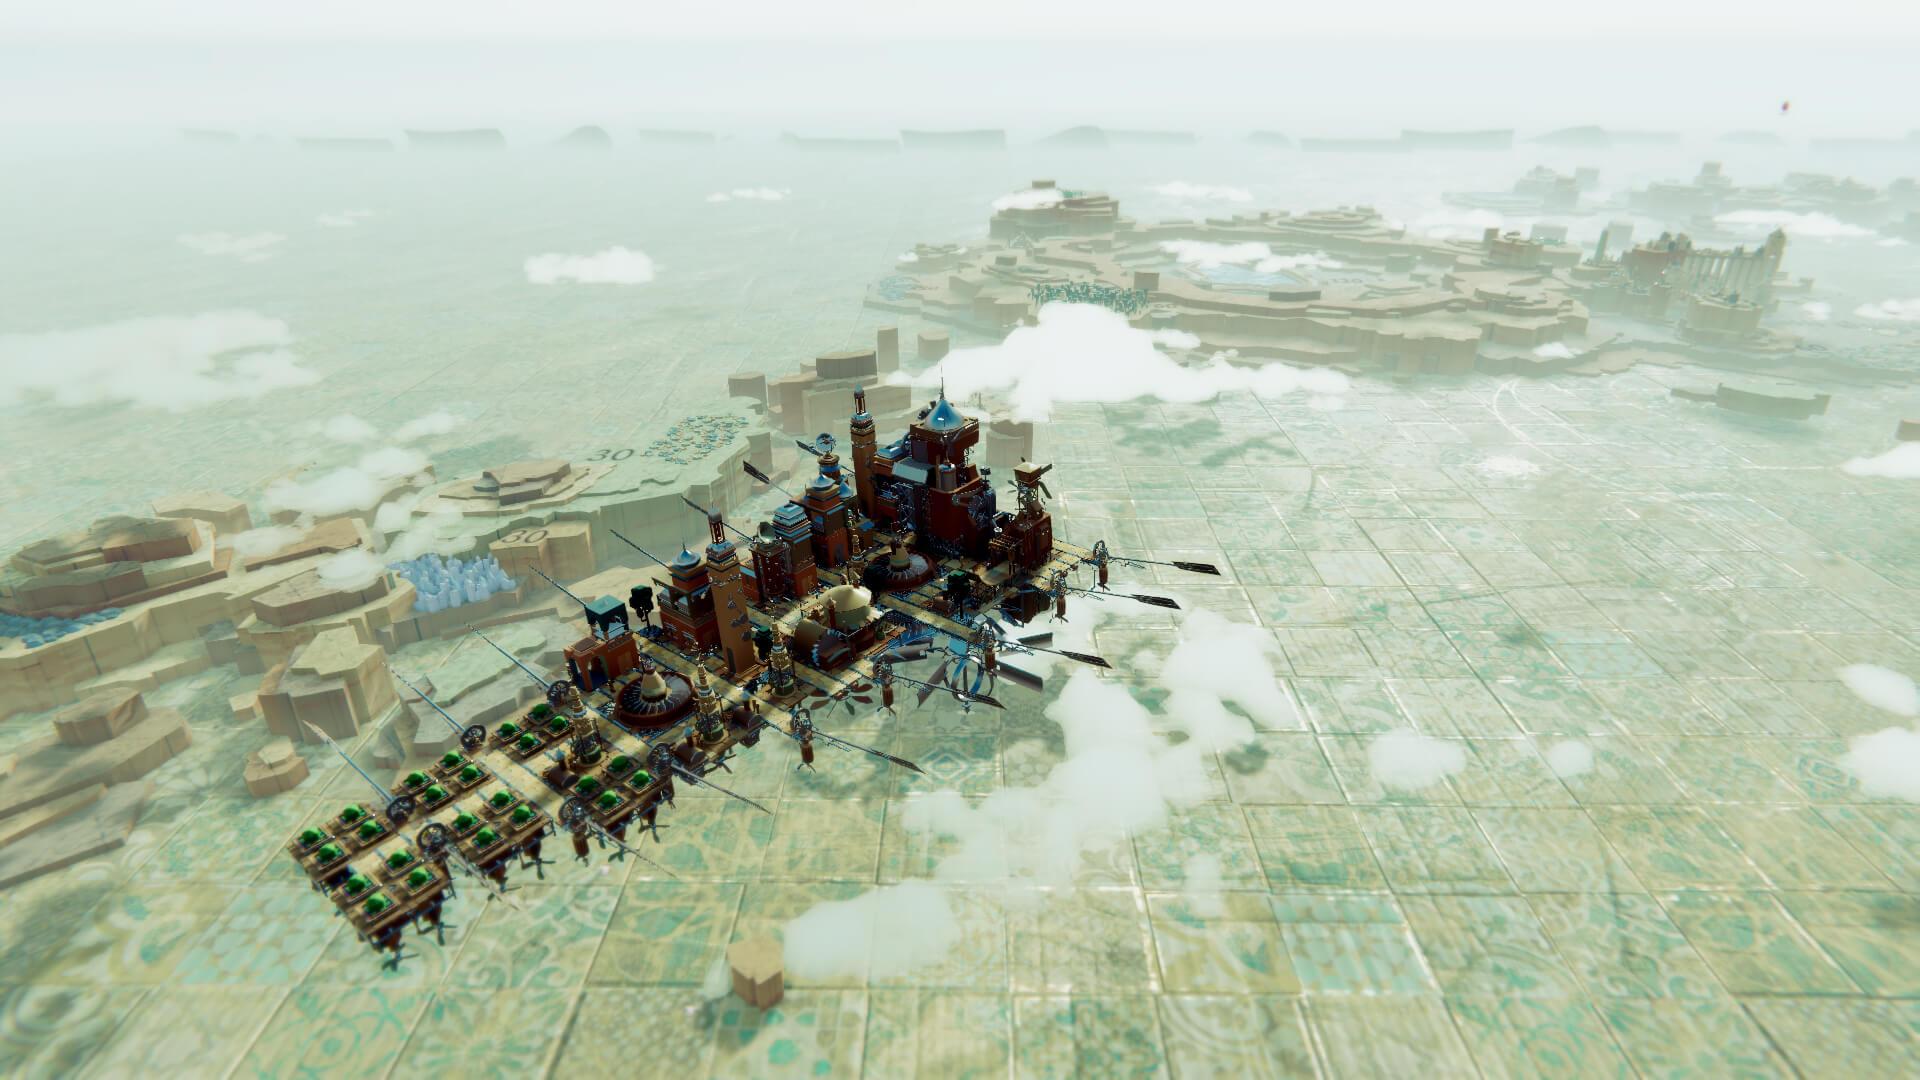 飞行+探索+建造 模拟经营游戏《空中王国》实机演示